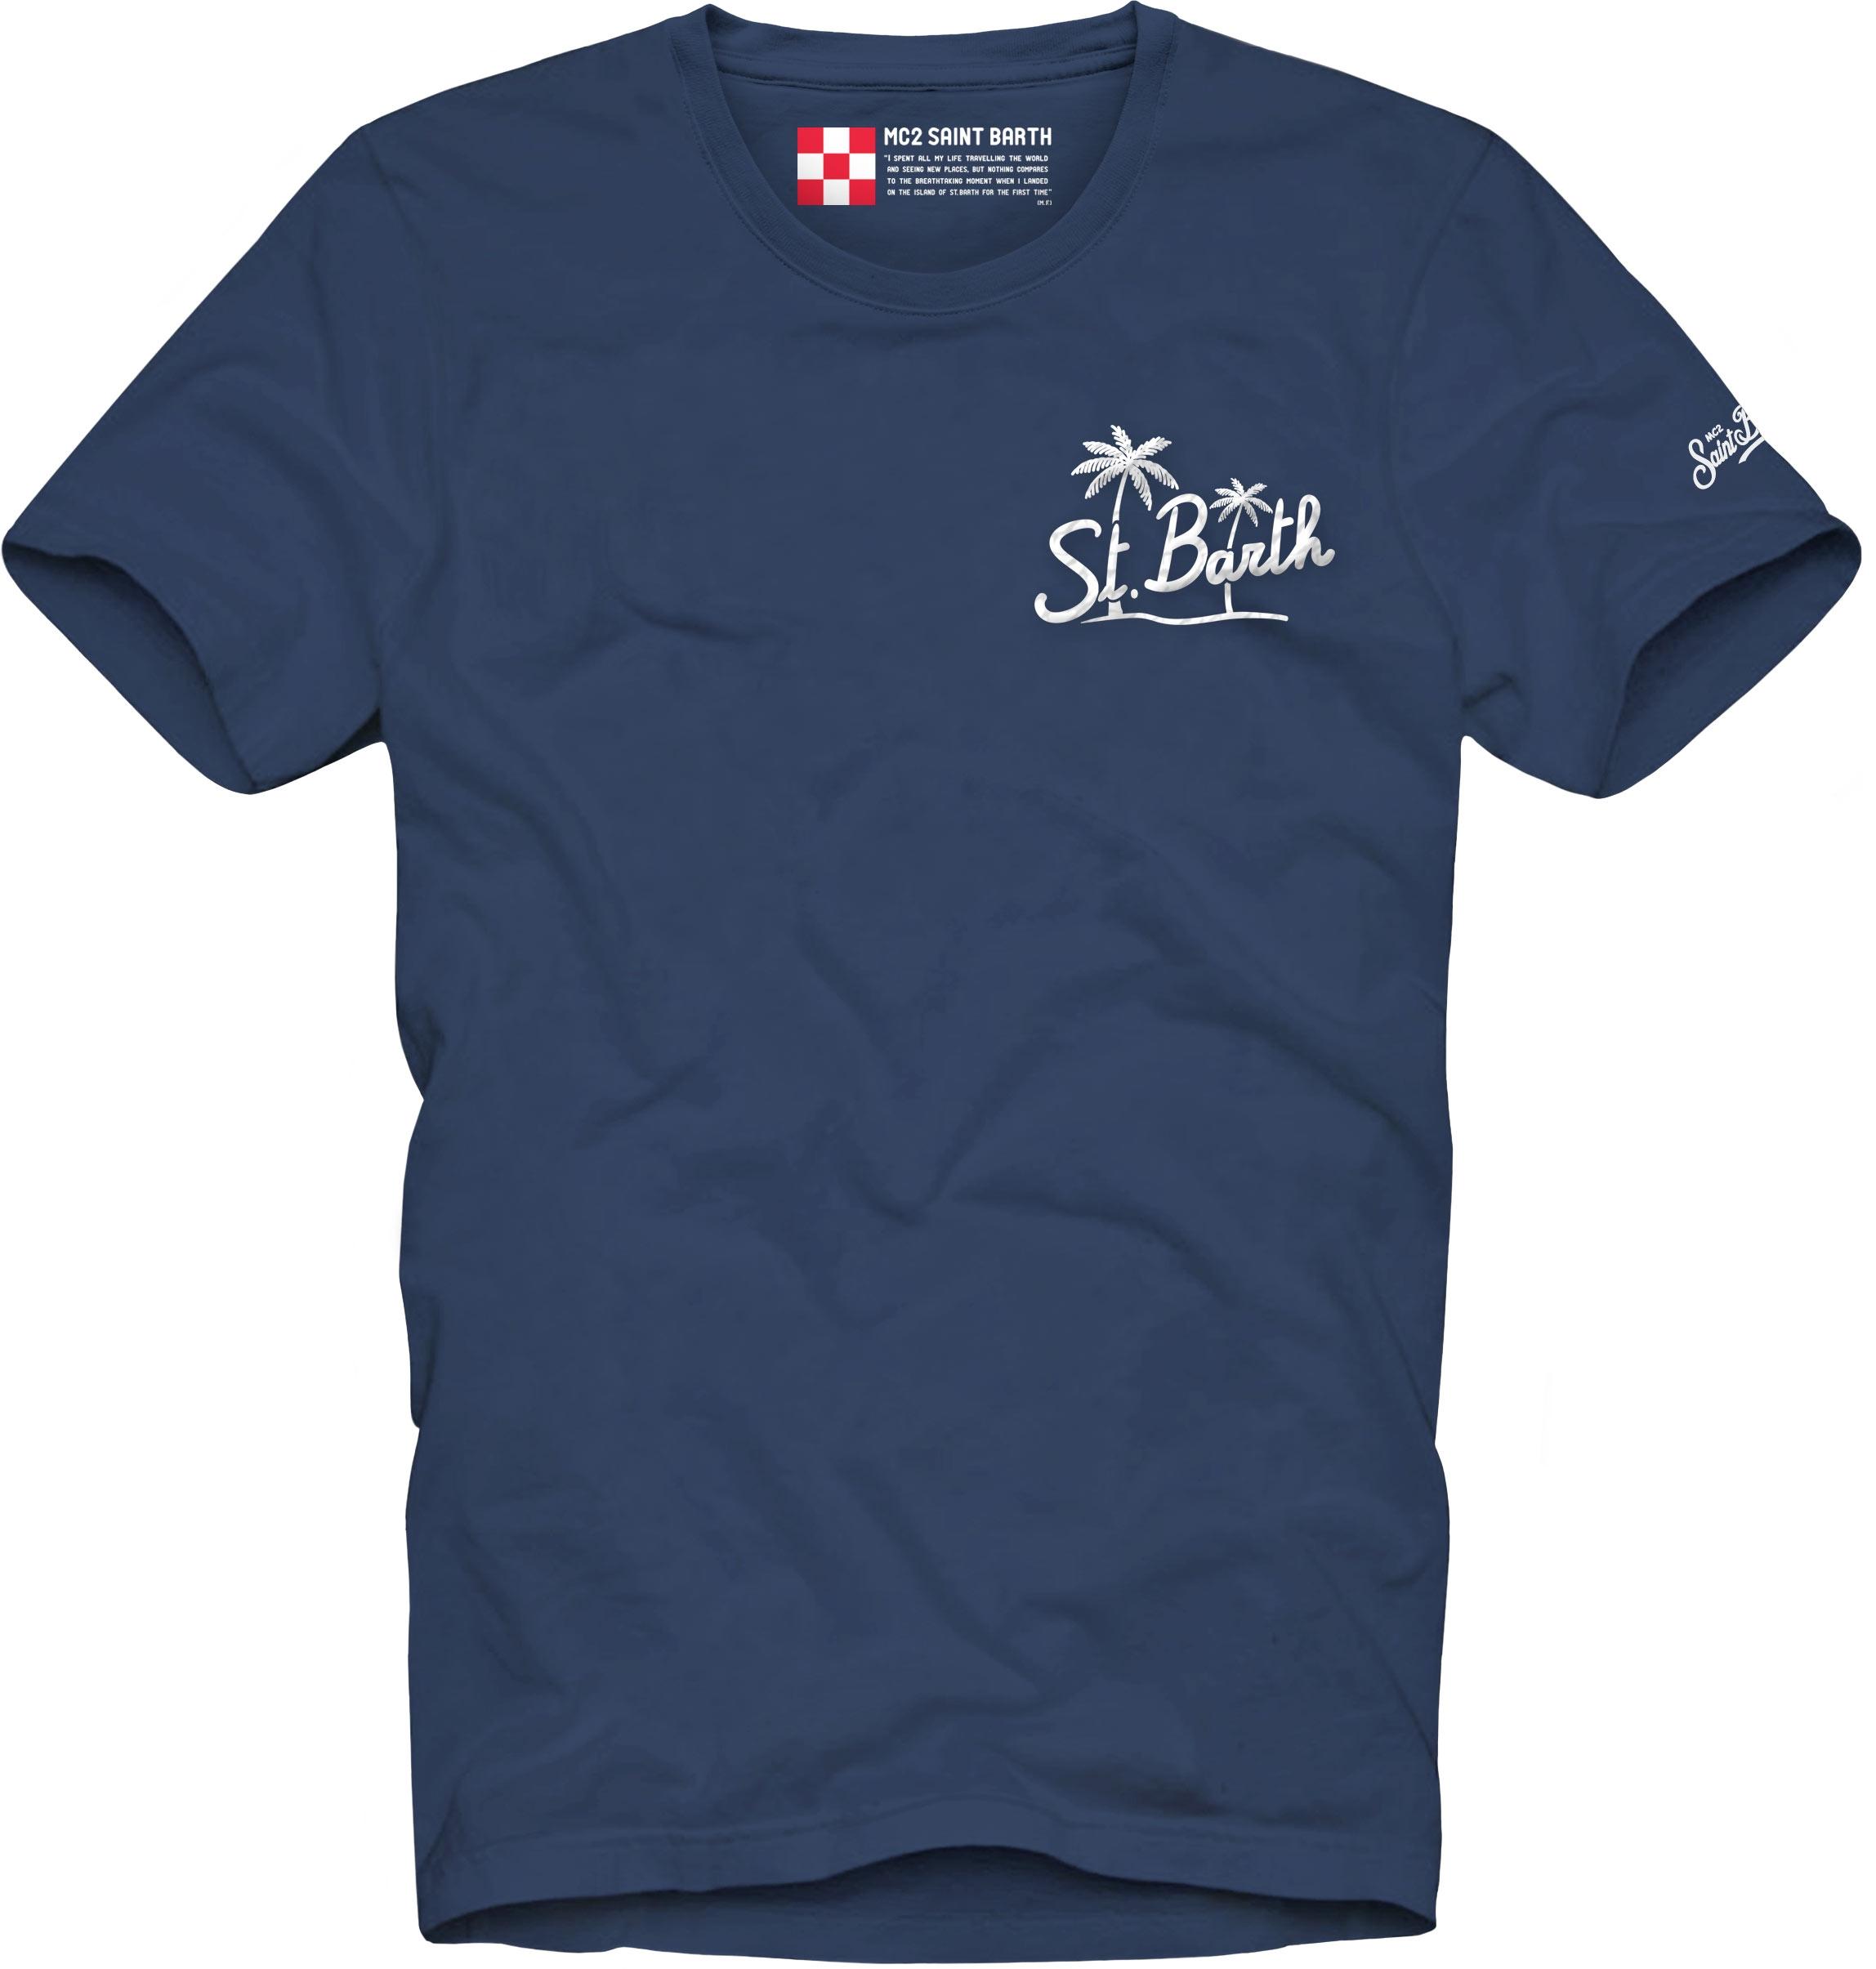 T-shirt MC2 Saint Barth con scritta stampata MC2 SAINT BARTH | T-shirt | TSHIRT MANEBPT61